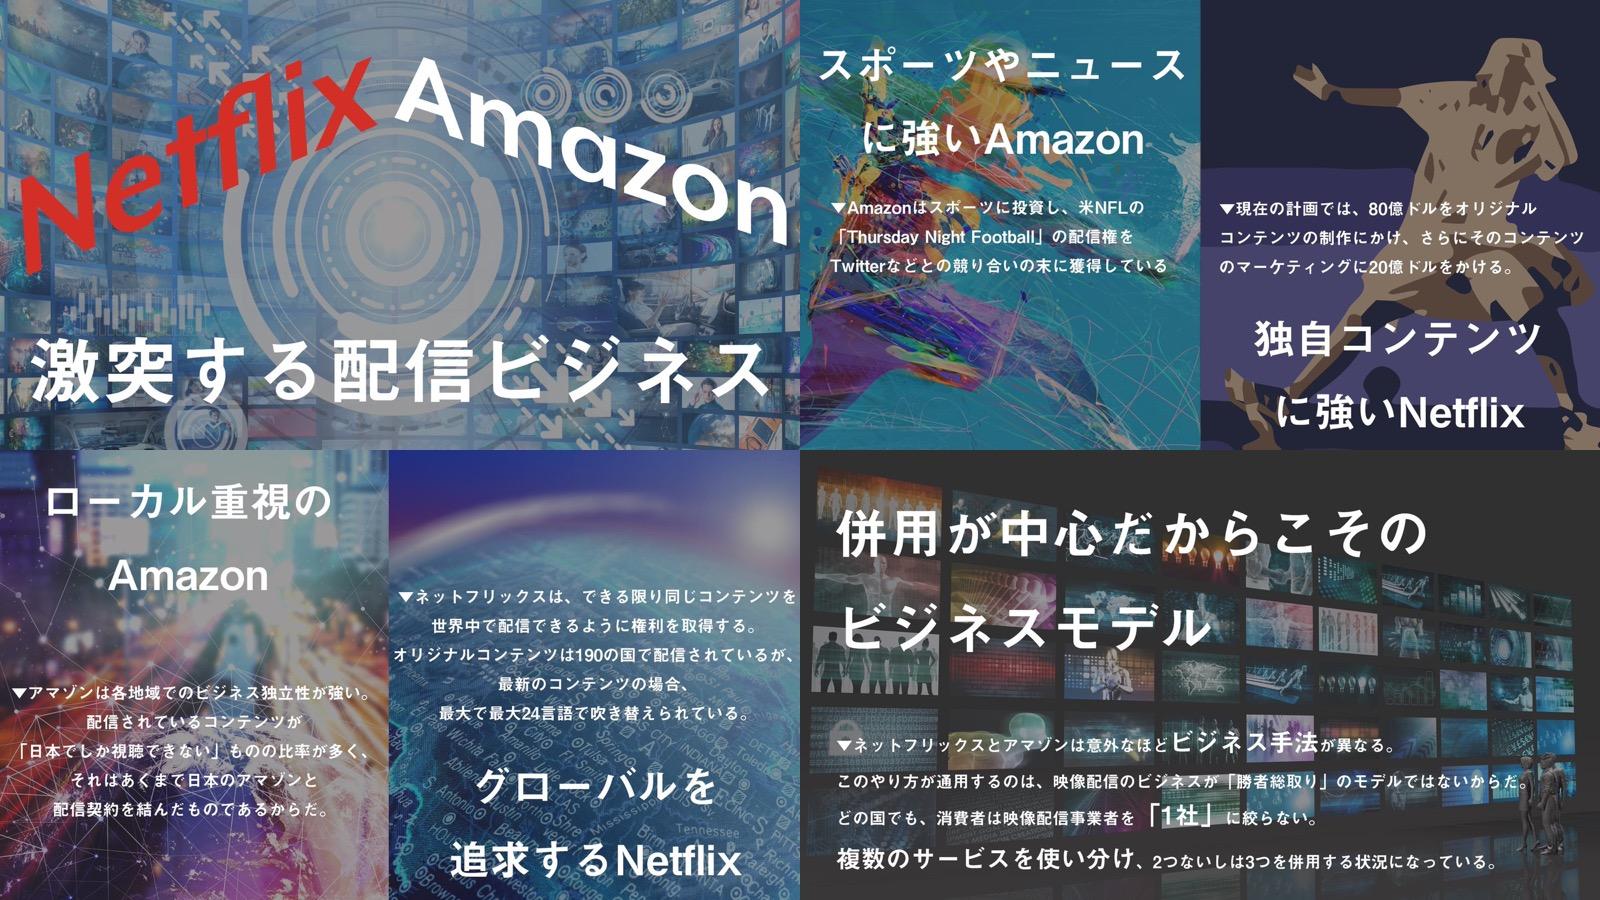 612f43071a2a0f44423b8bcb86c93e1a 10 - Netflix vs Amazon